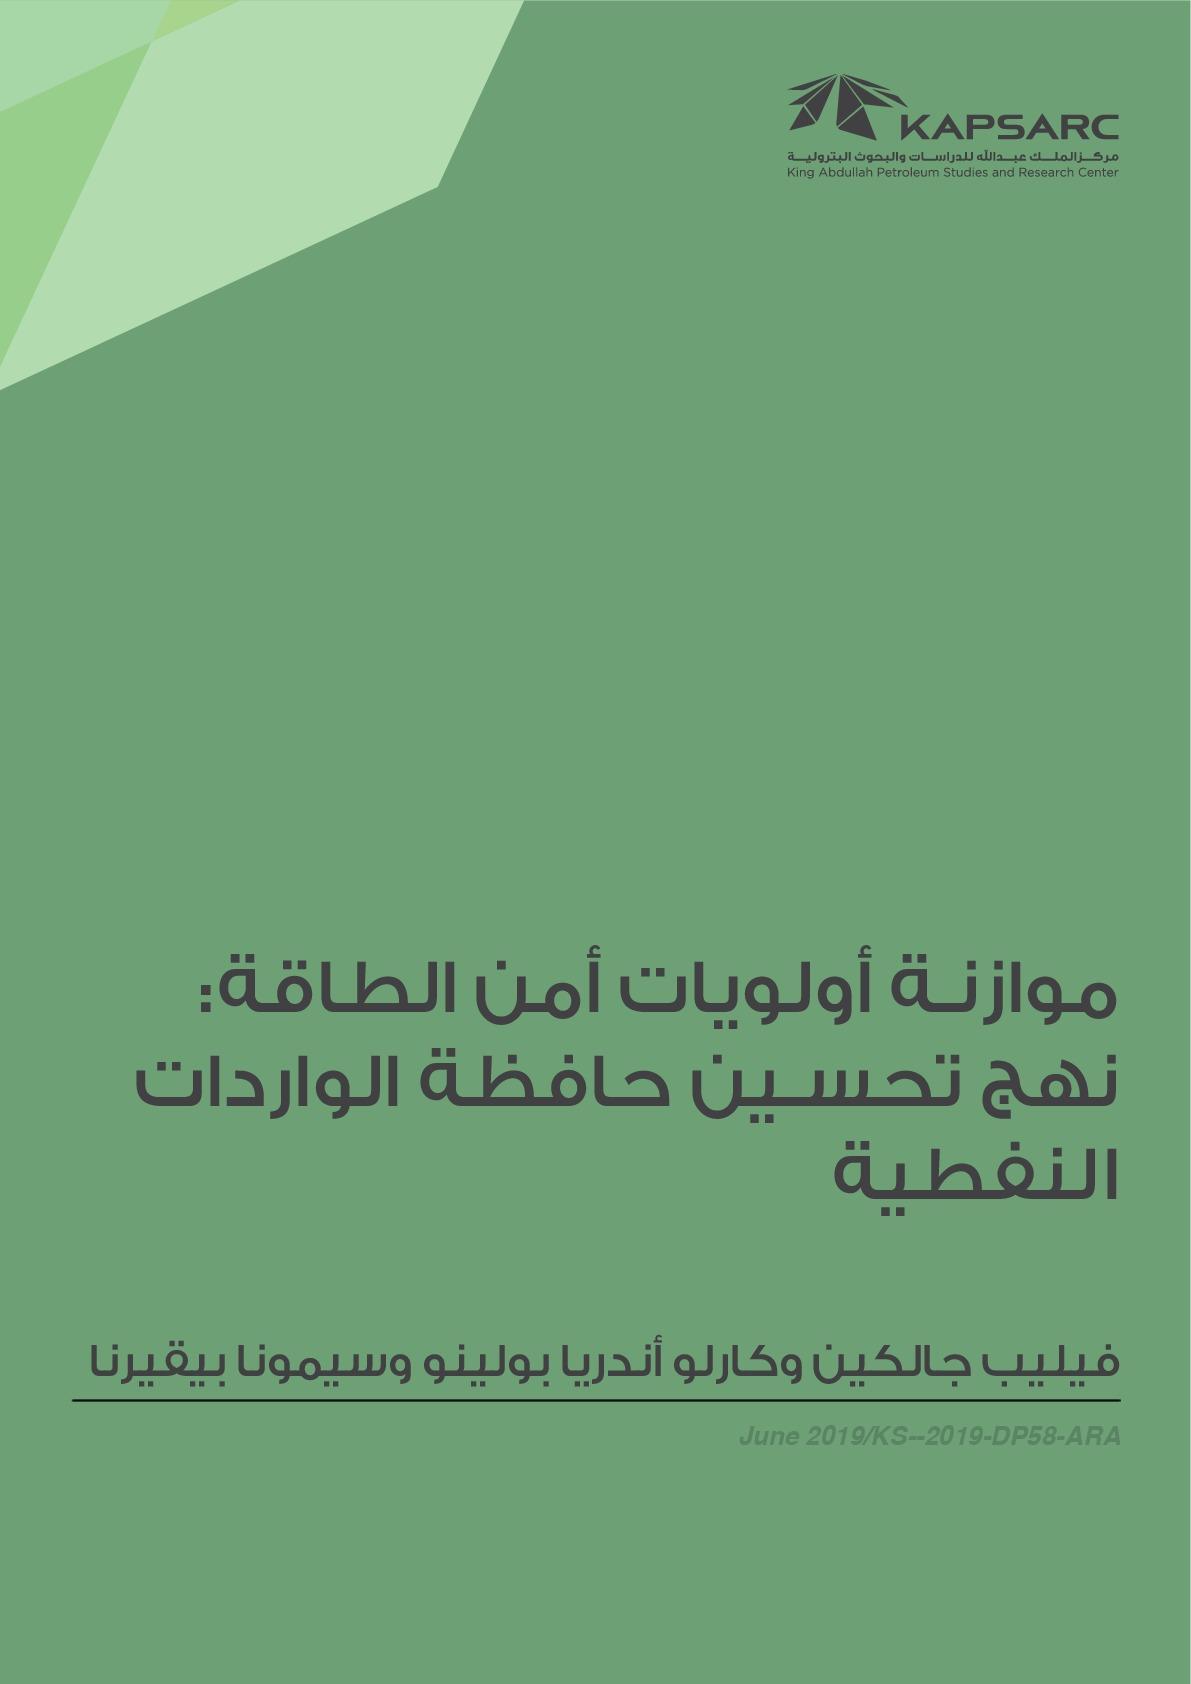 موازنة أولويات أمن الطاقة: نهج تحسين حافظة الواردات النفطية